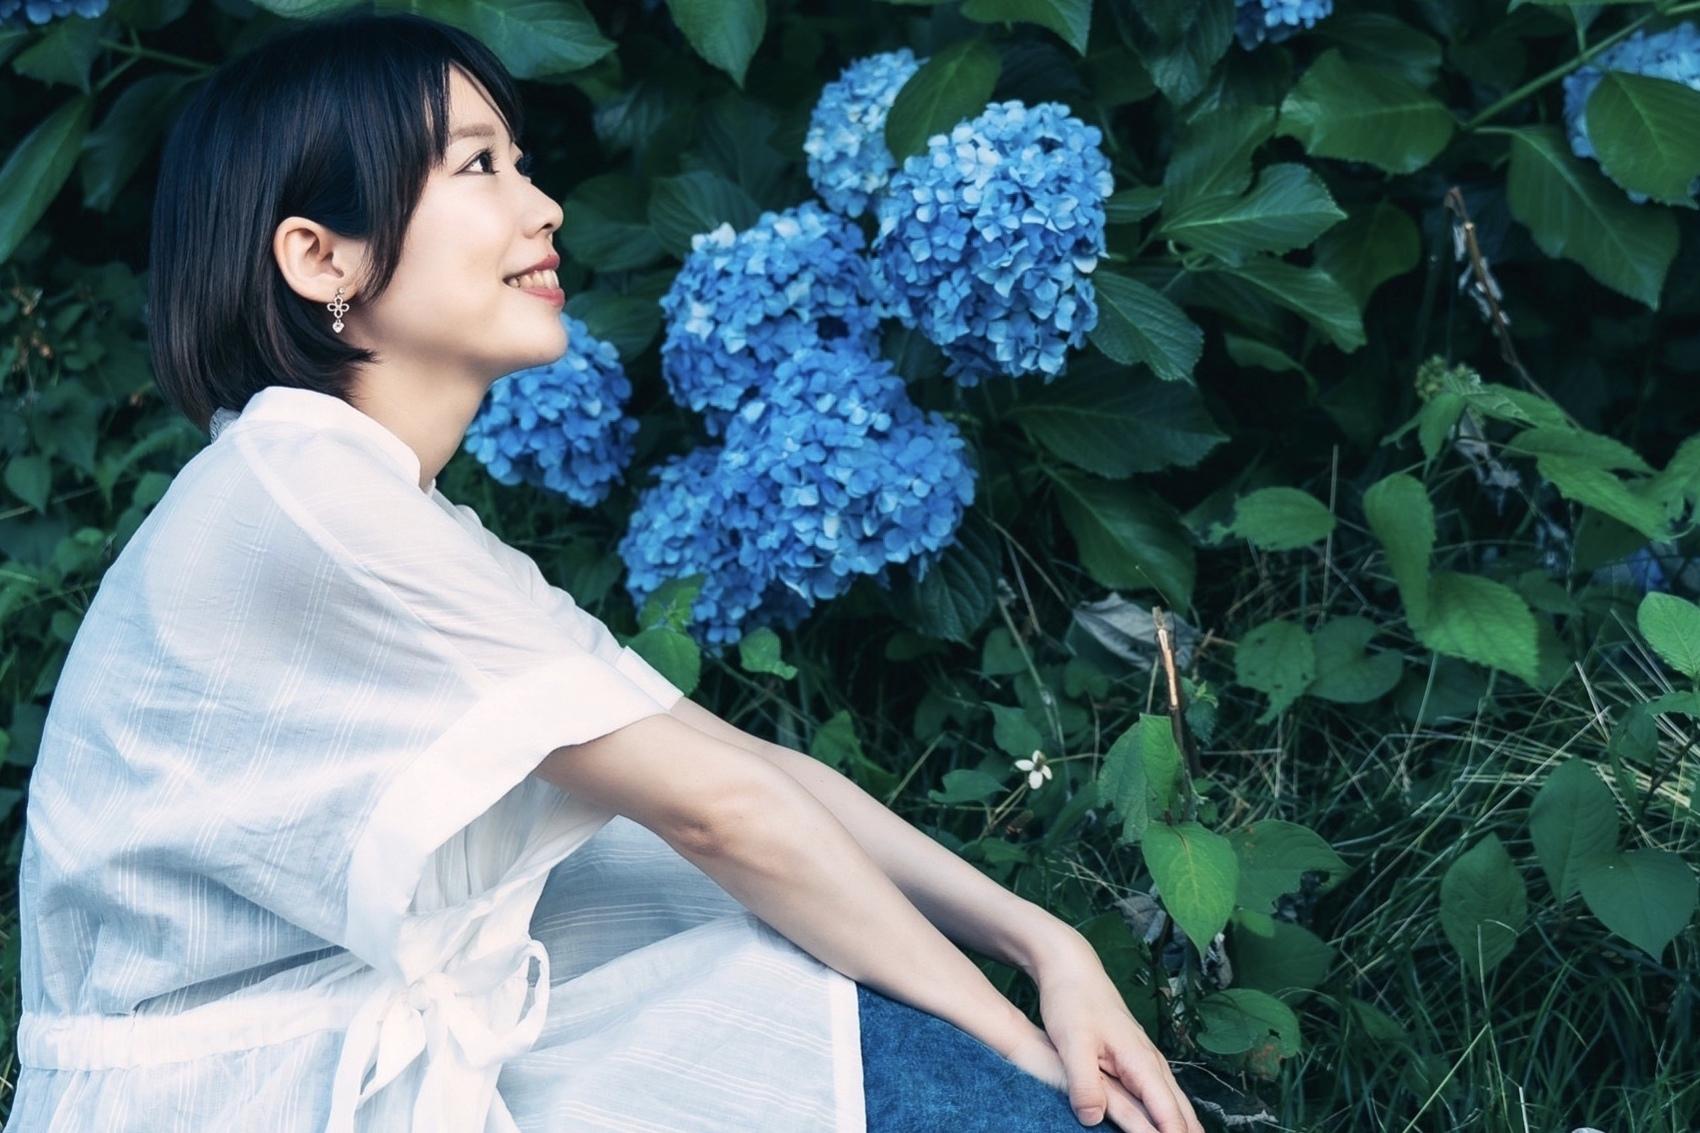 【小野亜里沙】誰かの希望になれますように。自身初となるMV制作応援キャンペーン!!